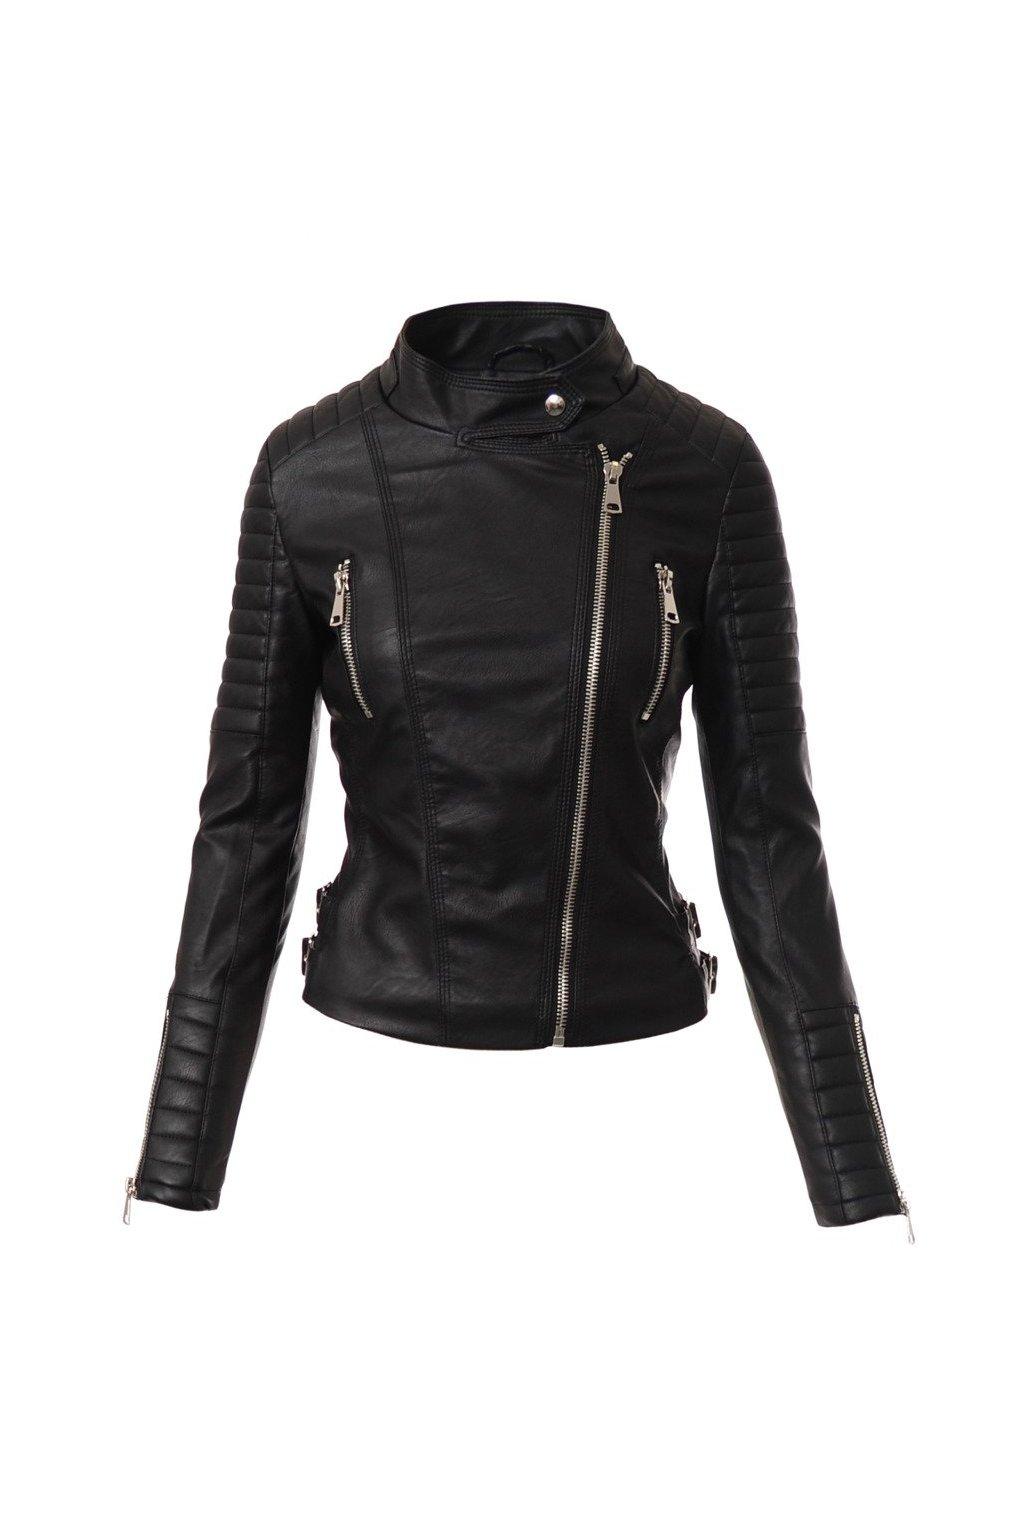 Dámska kožená bunda biker 4111 čierna